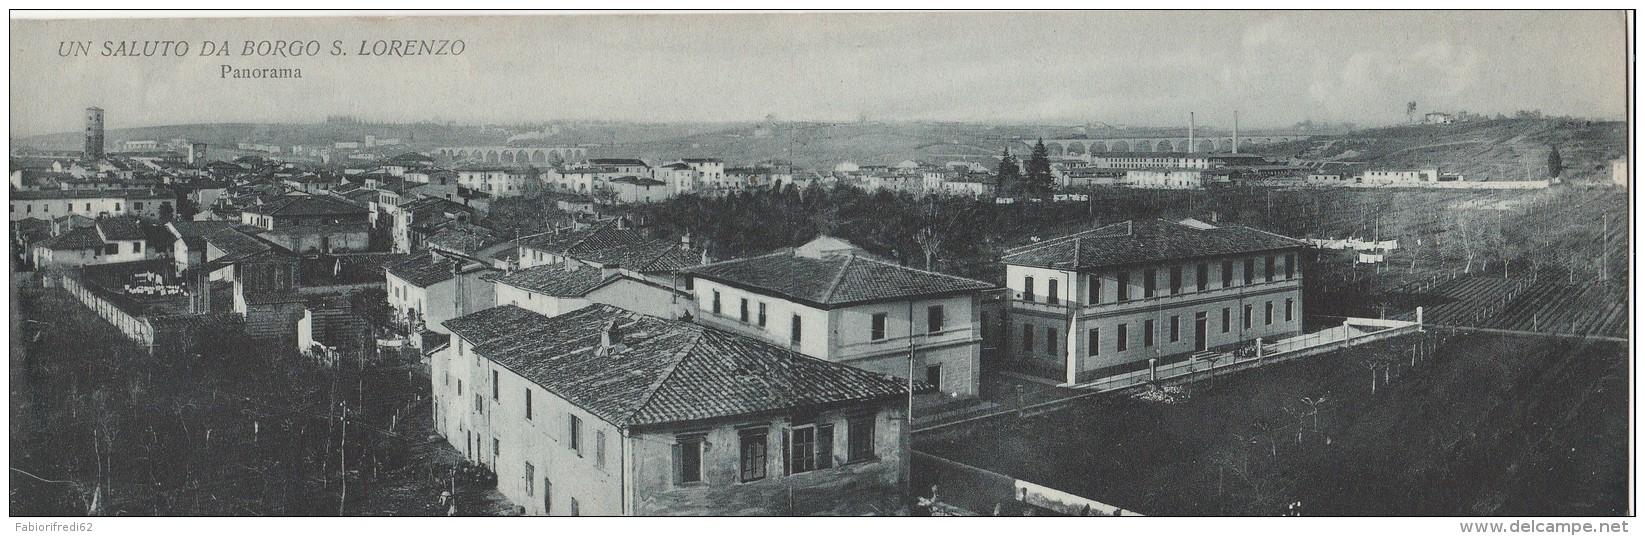 CARTOLINA NUOVA NON VIAGGIATA DOPPIA ANNI 30 BORGO SAN LORENZO (RX576 - Firenze